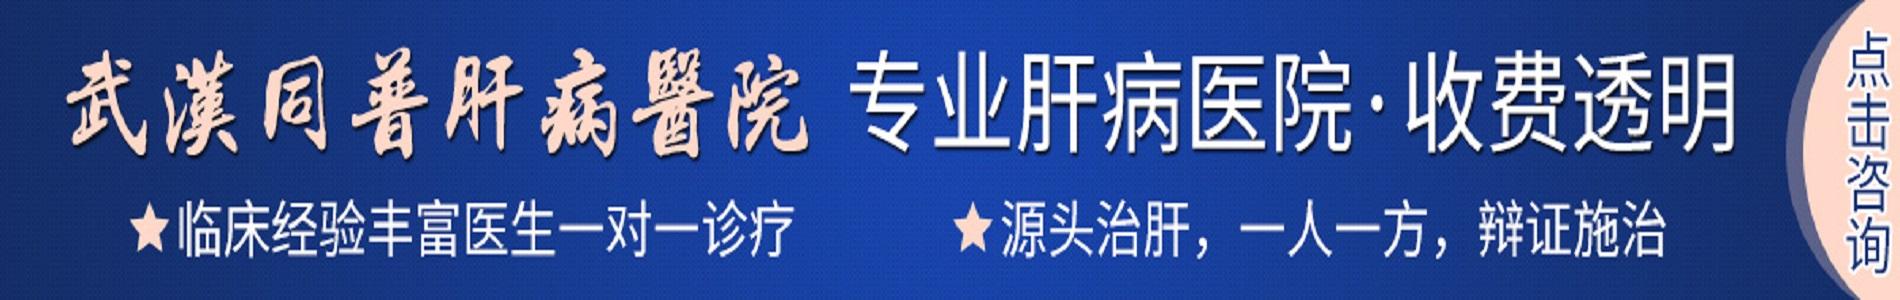 武漢同普肝病醫院